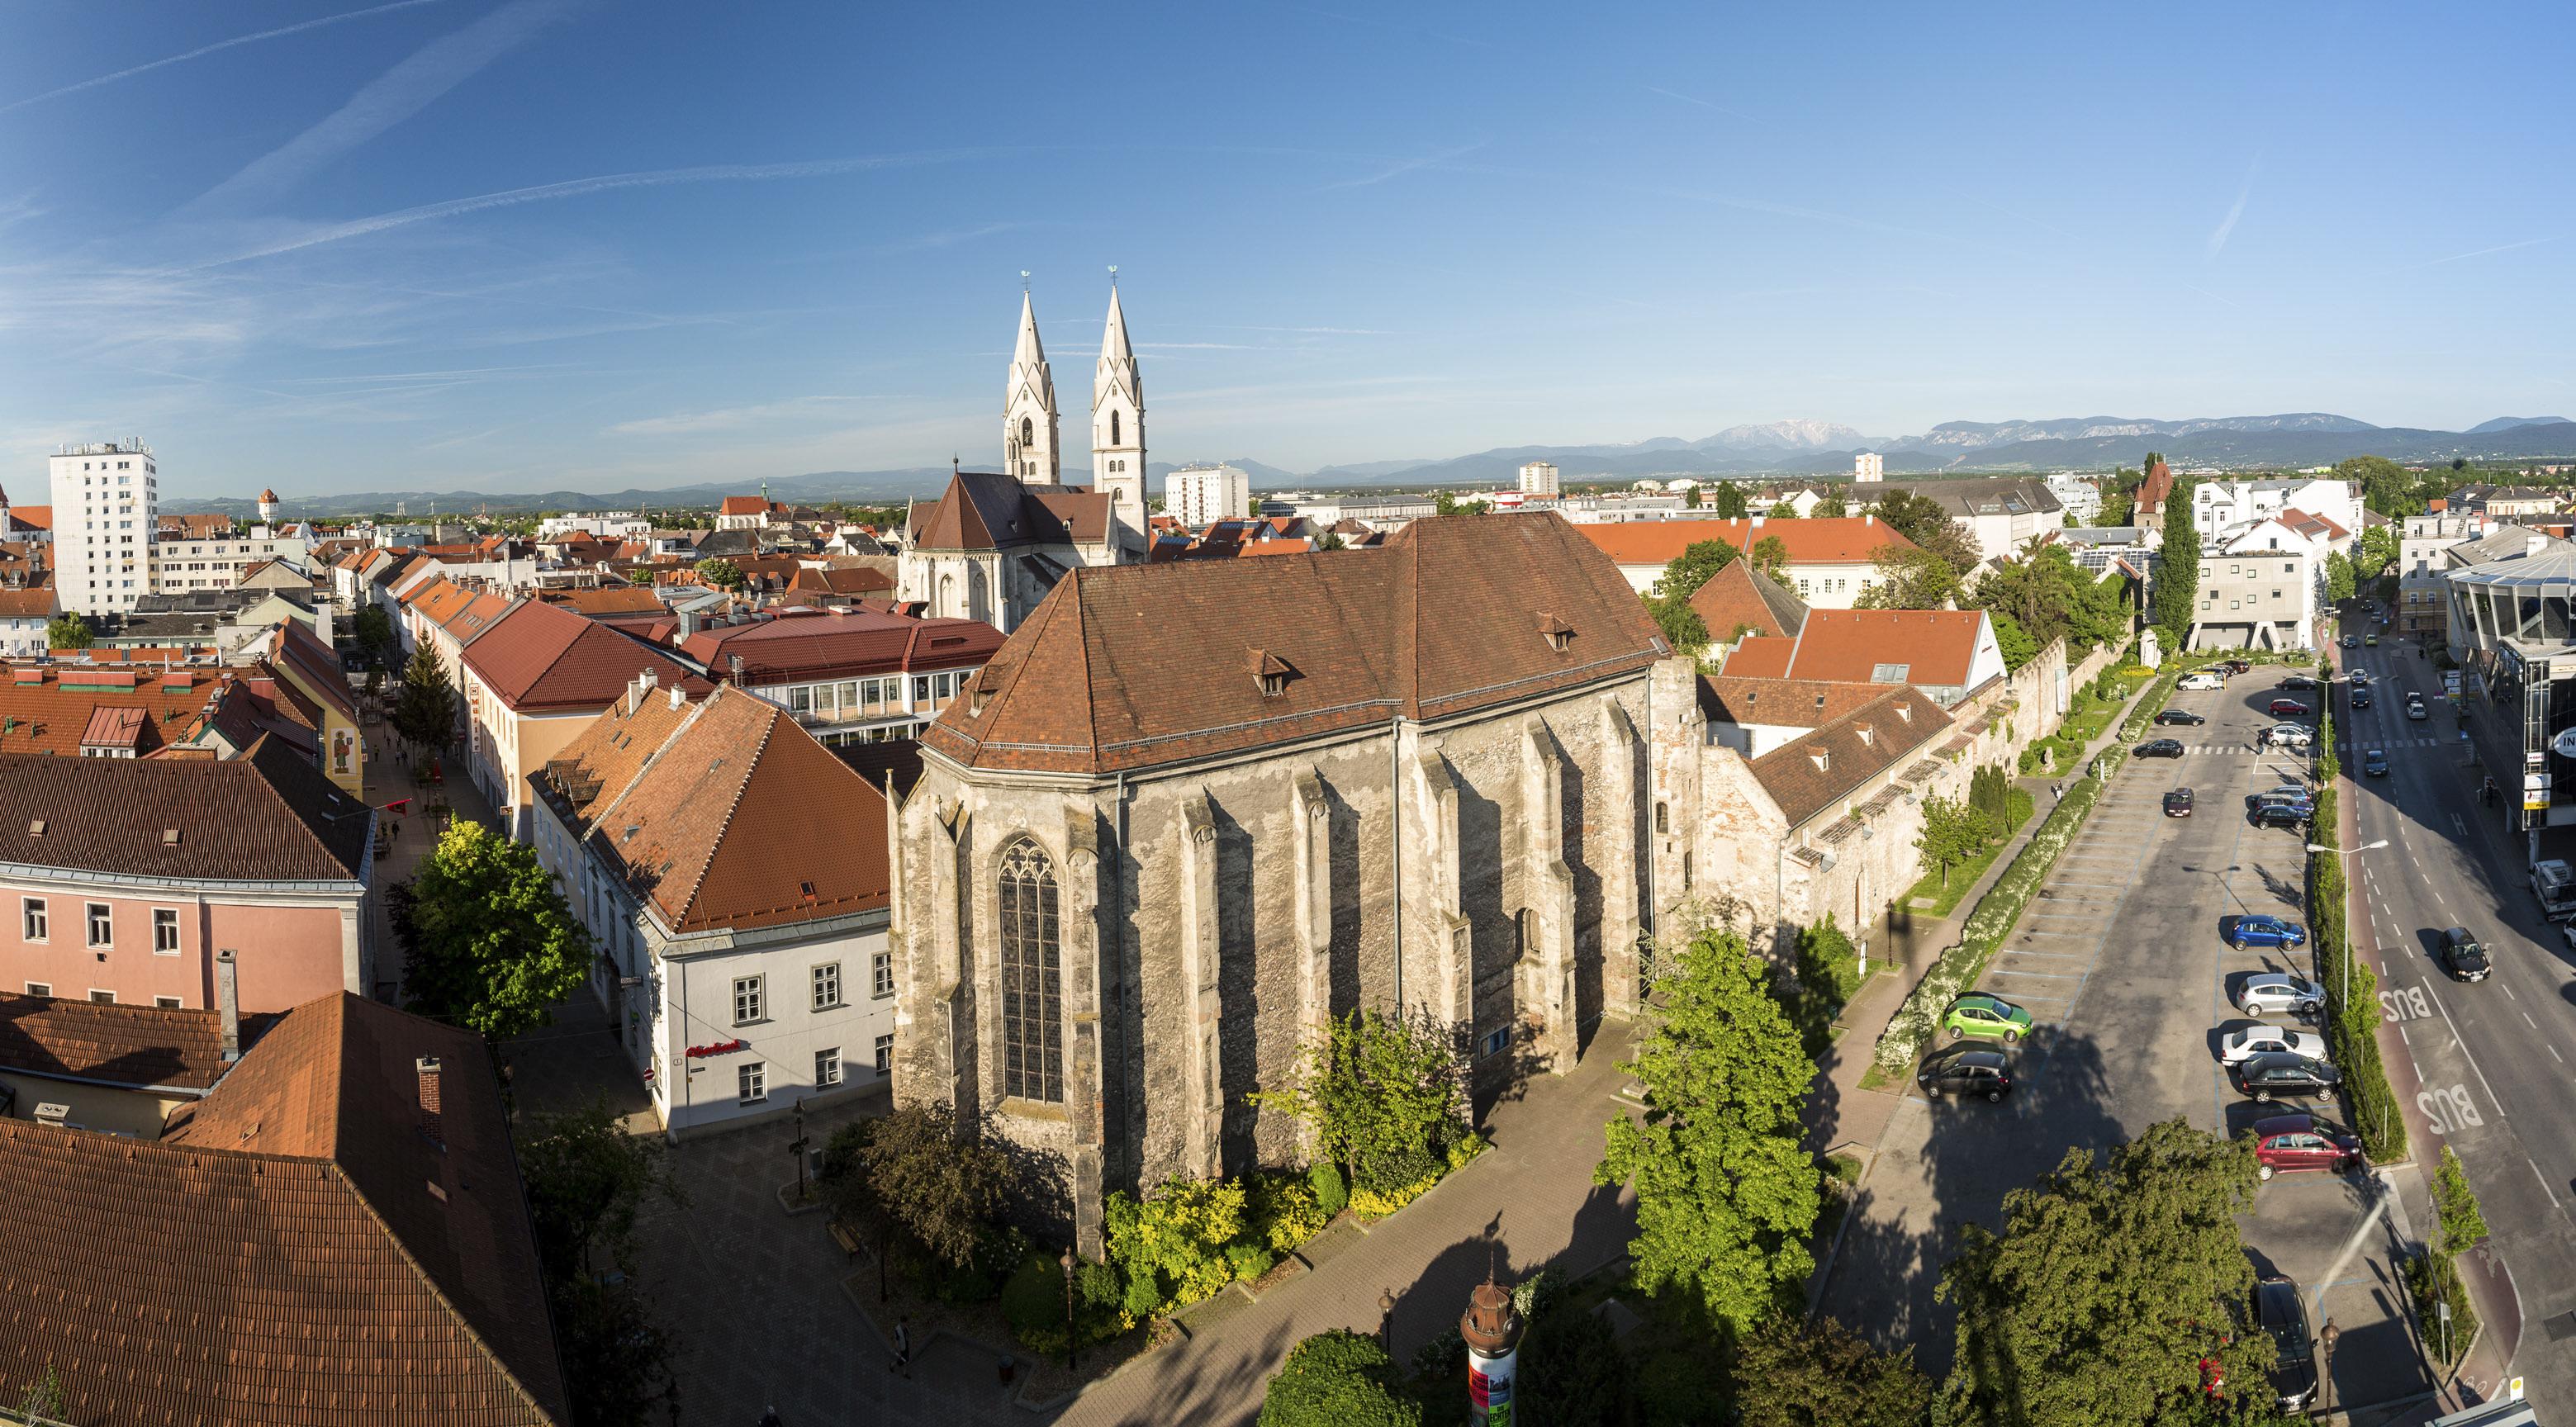 St. Peter an der Sperr in Wiener Neustadt © Wiener Alpen in Niederösterreich Tourismus GmbH